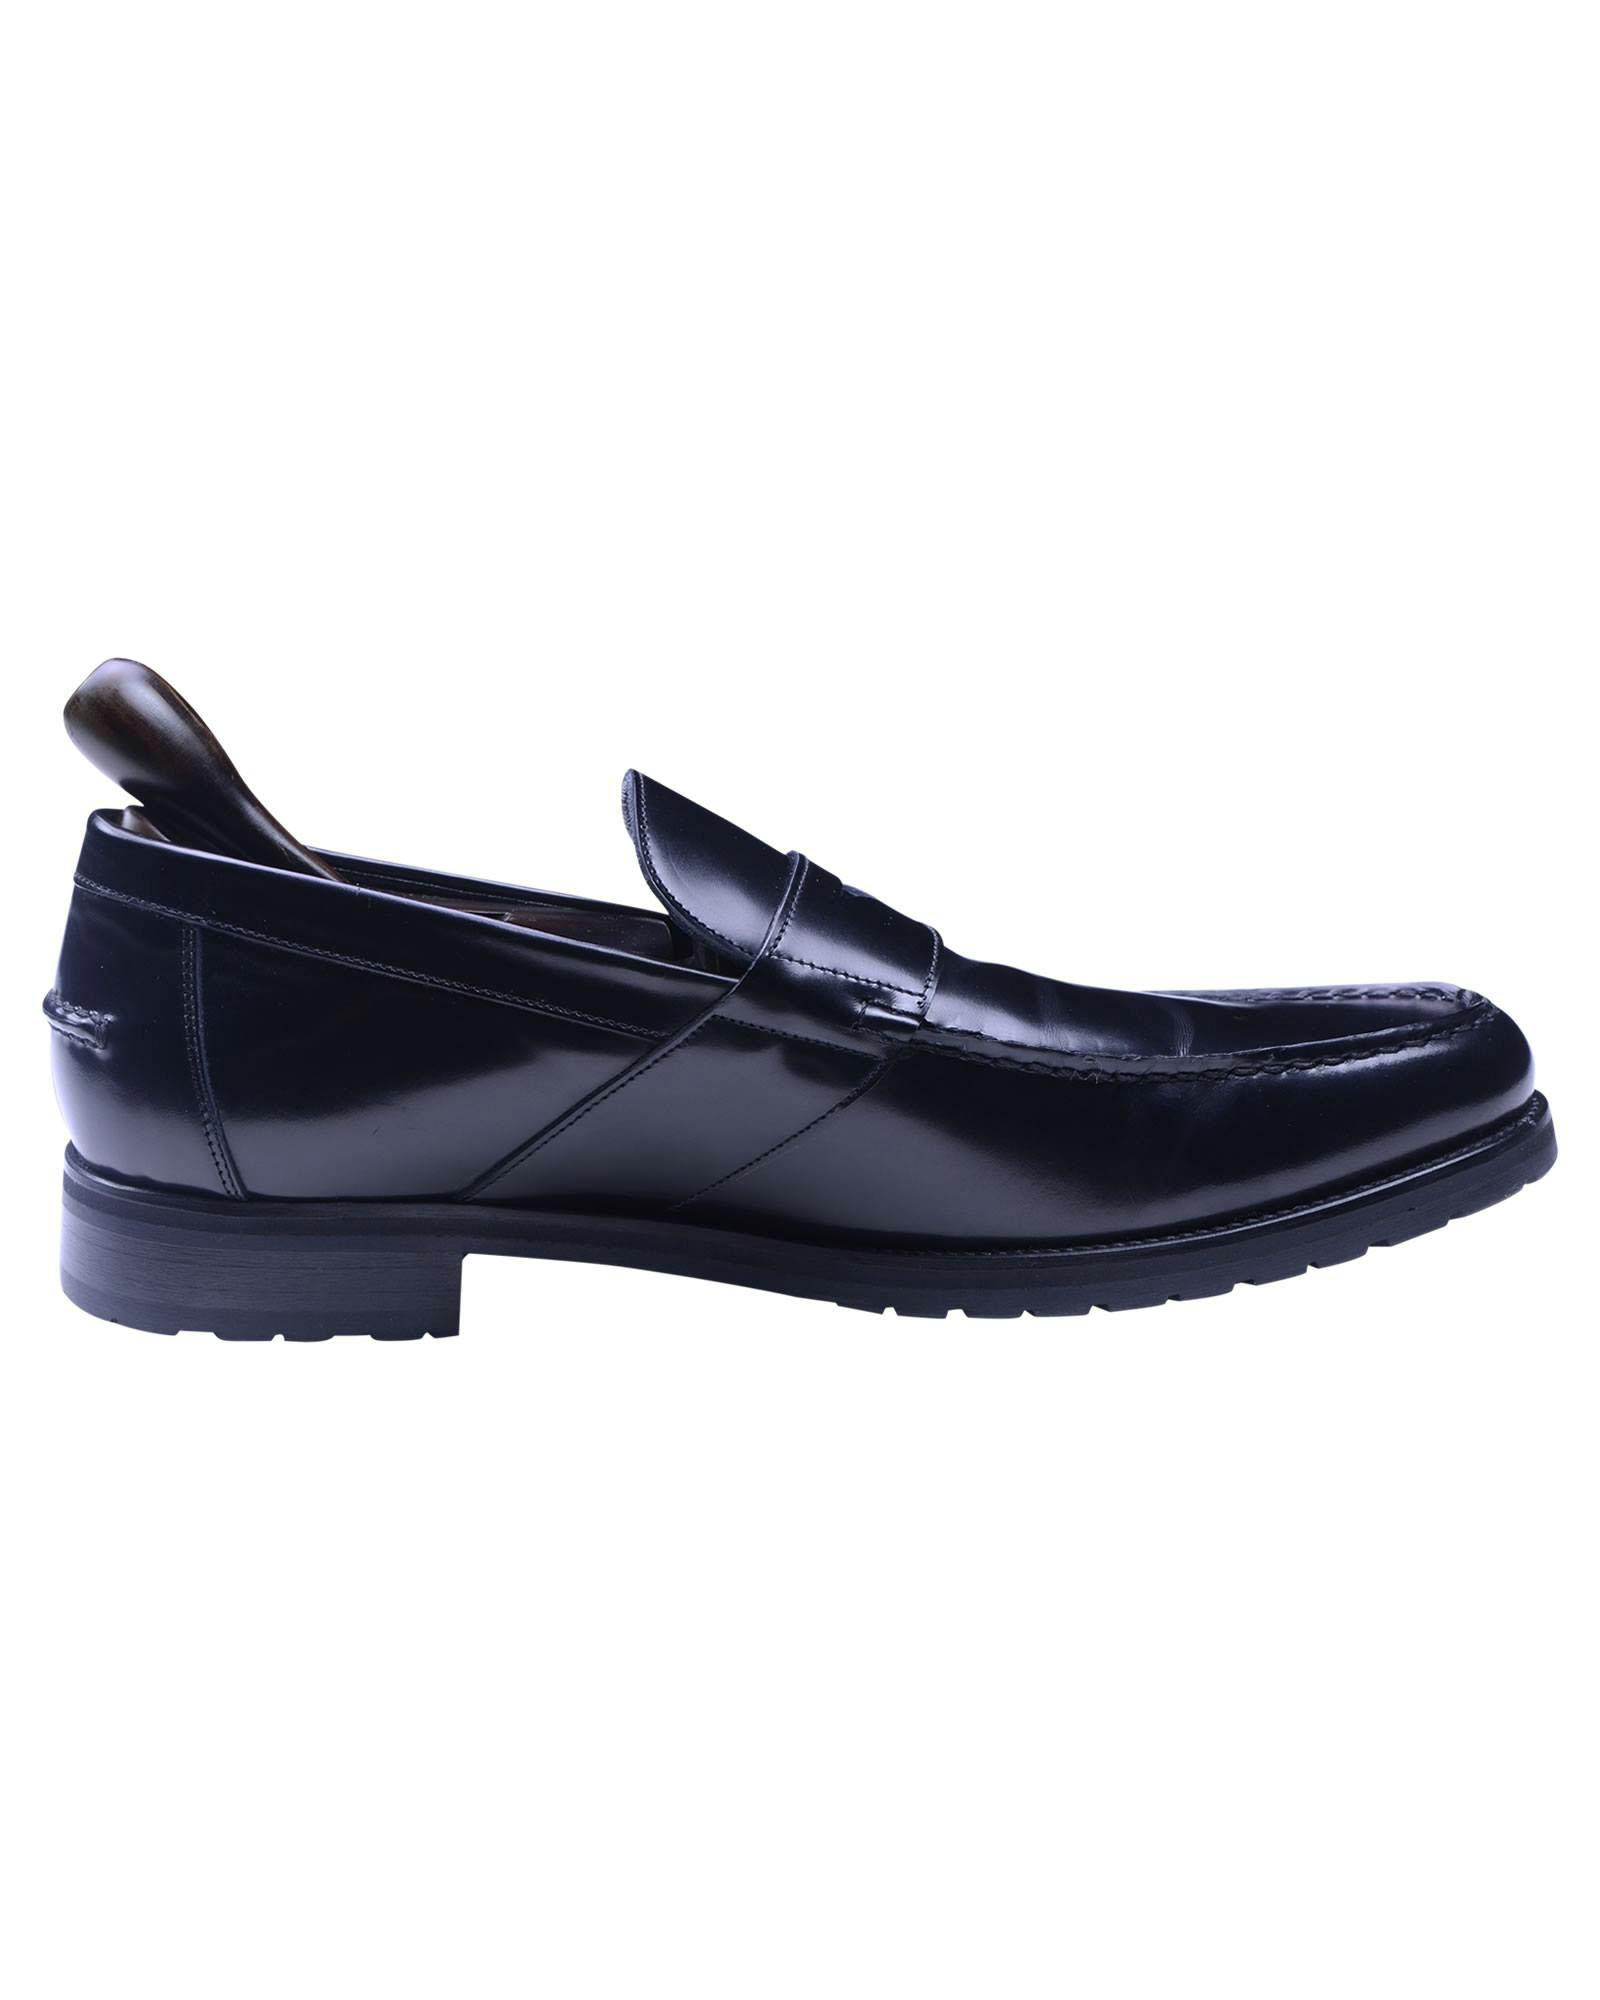 Calvin Klein Shoes Collection